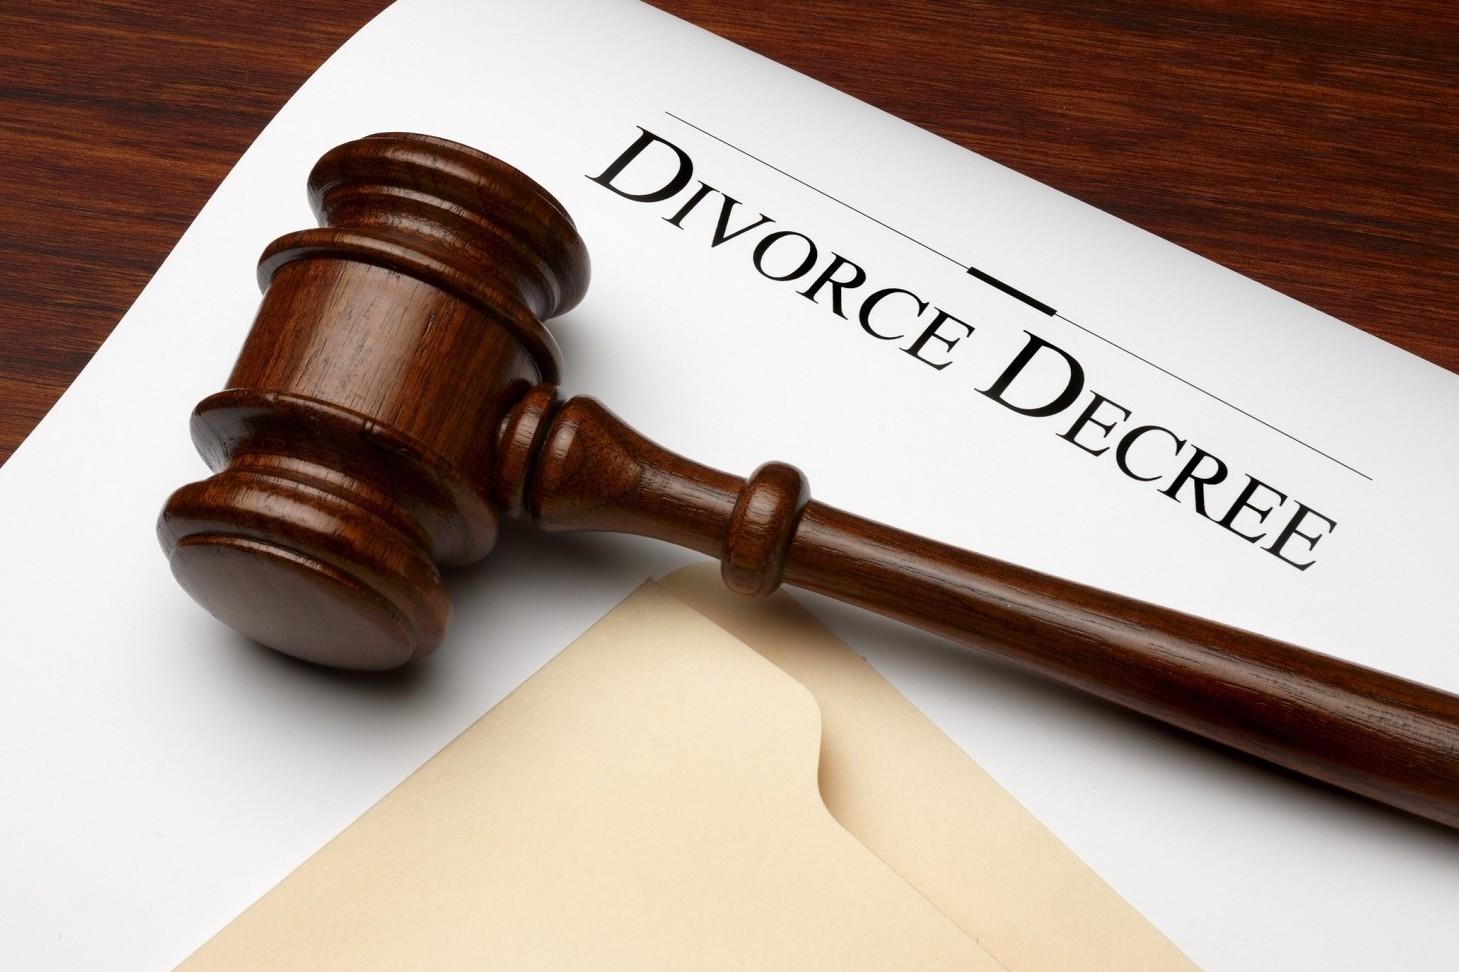 Divorzio consensuale e congiunto, come funziona